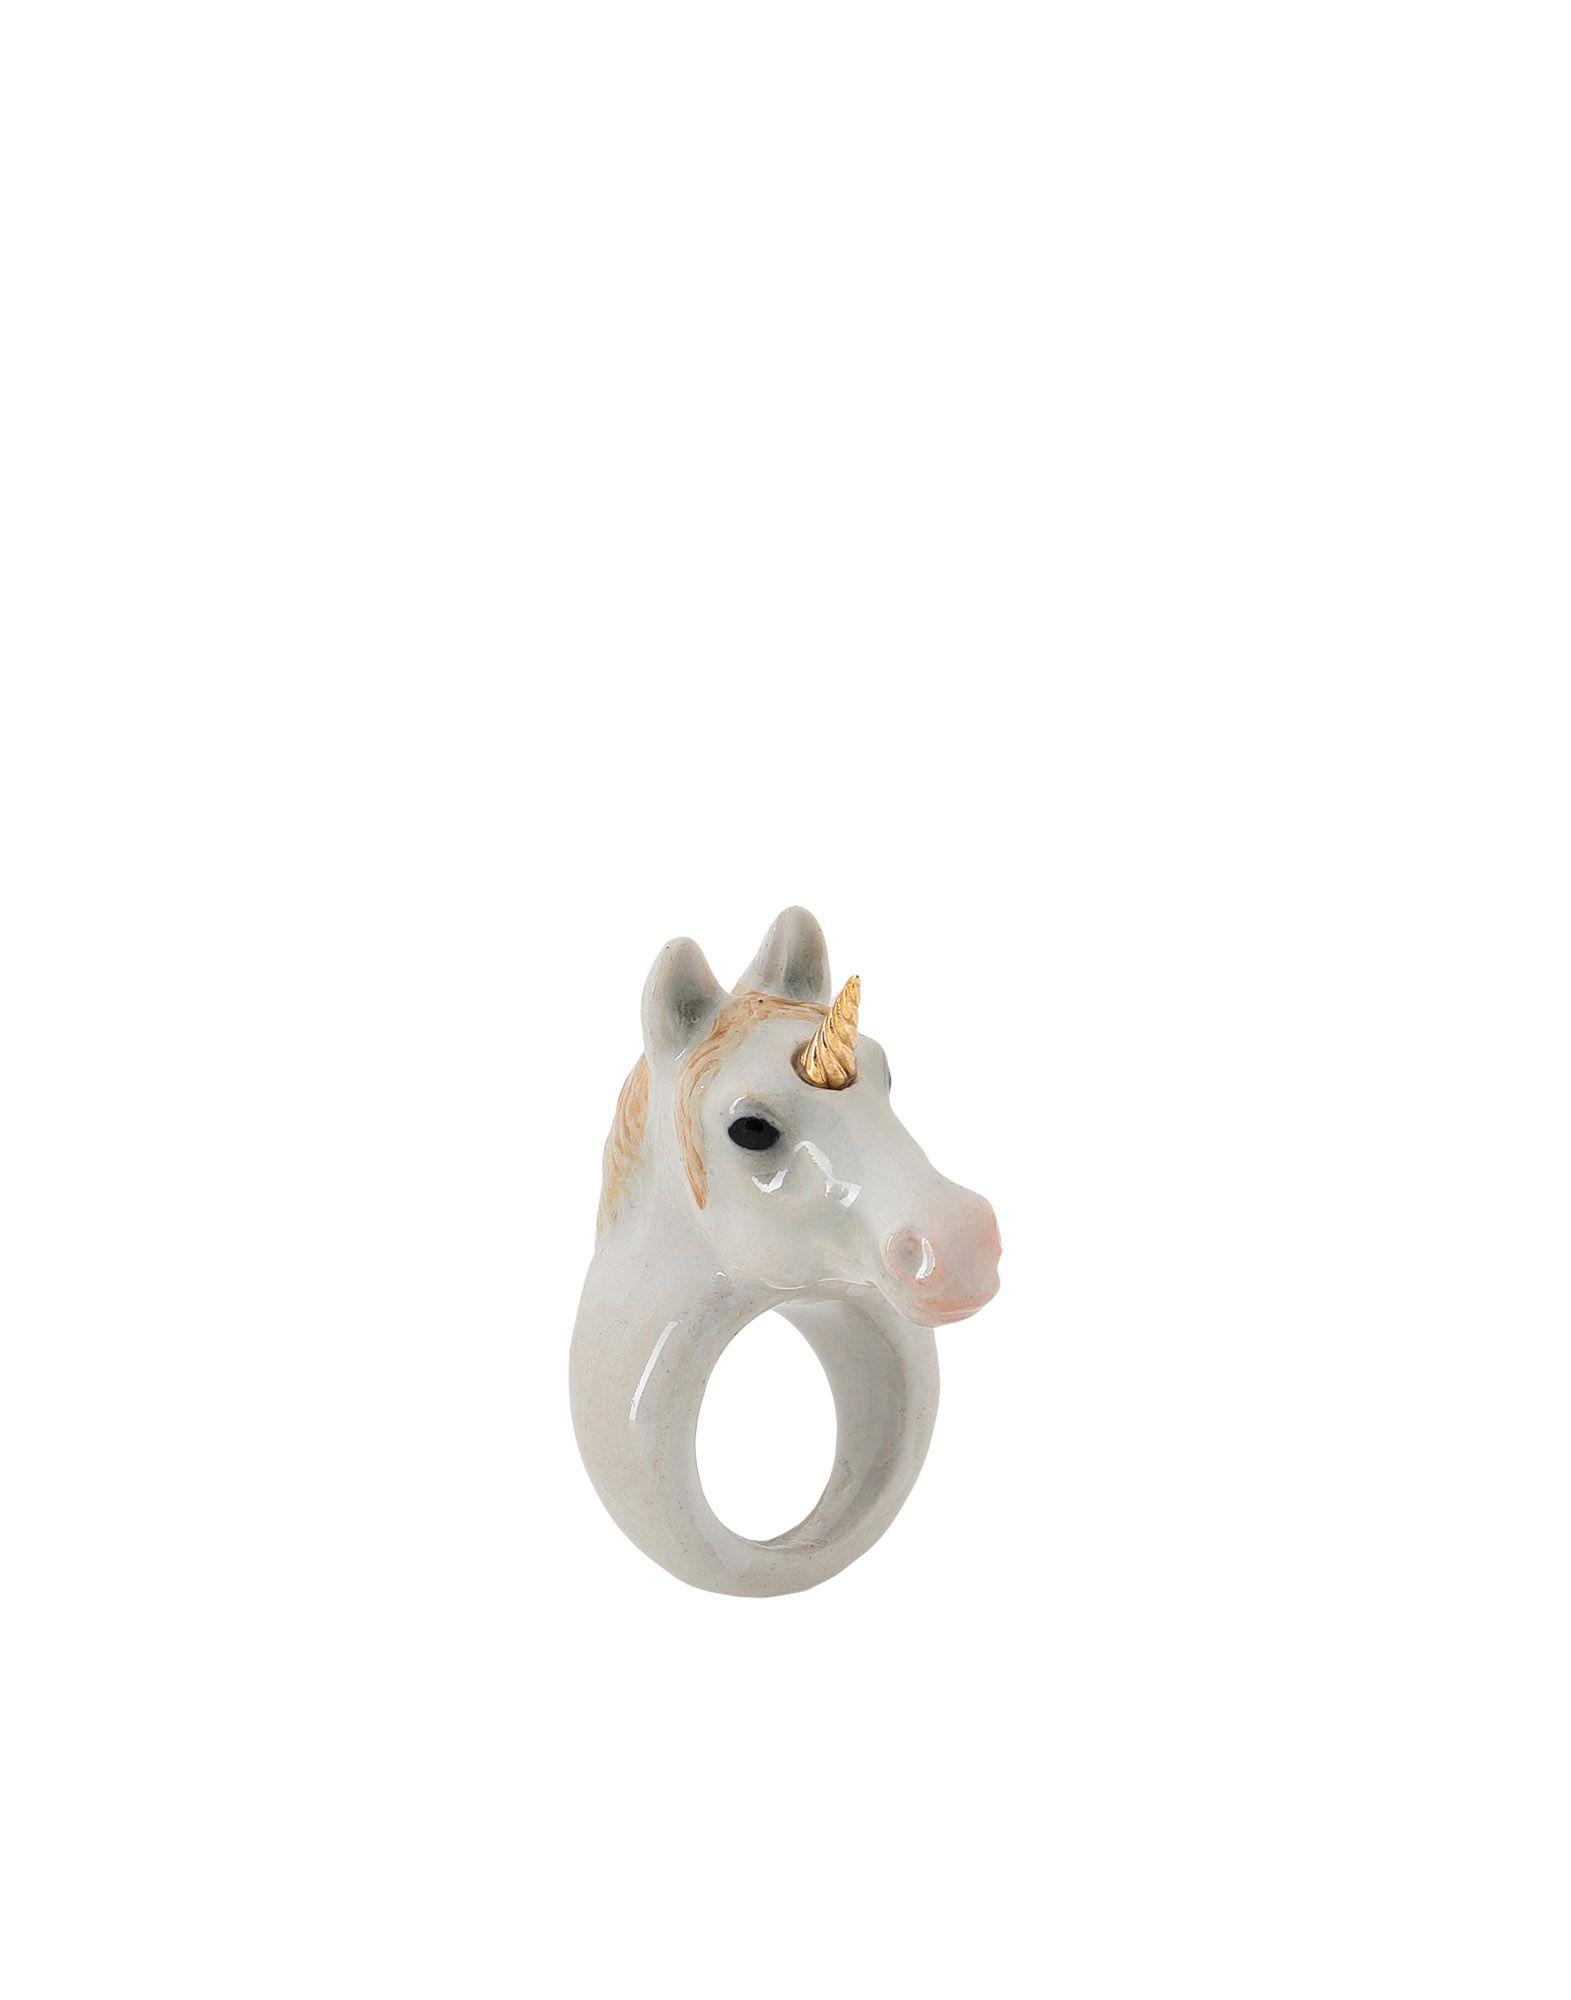 《期間限定 セール開催中》NACH レディース 指輪 ホワイト S セラミック 100% Gold unicorn ring